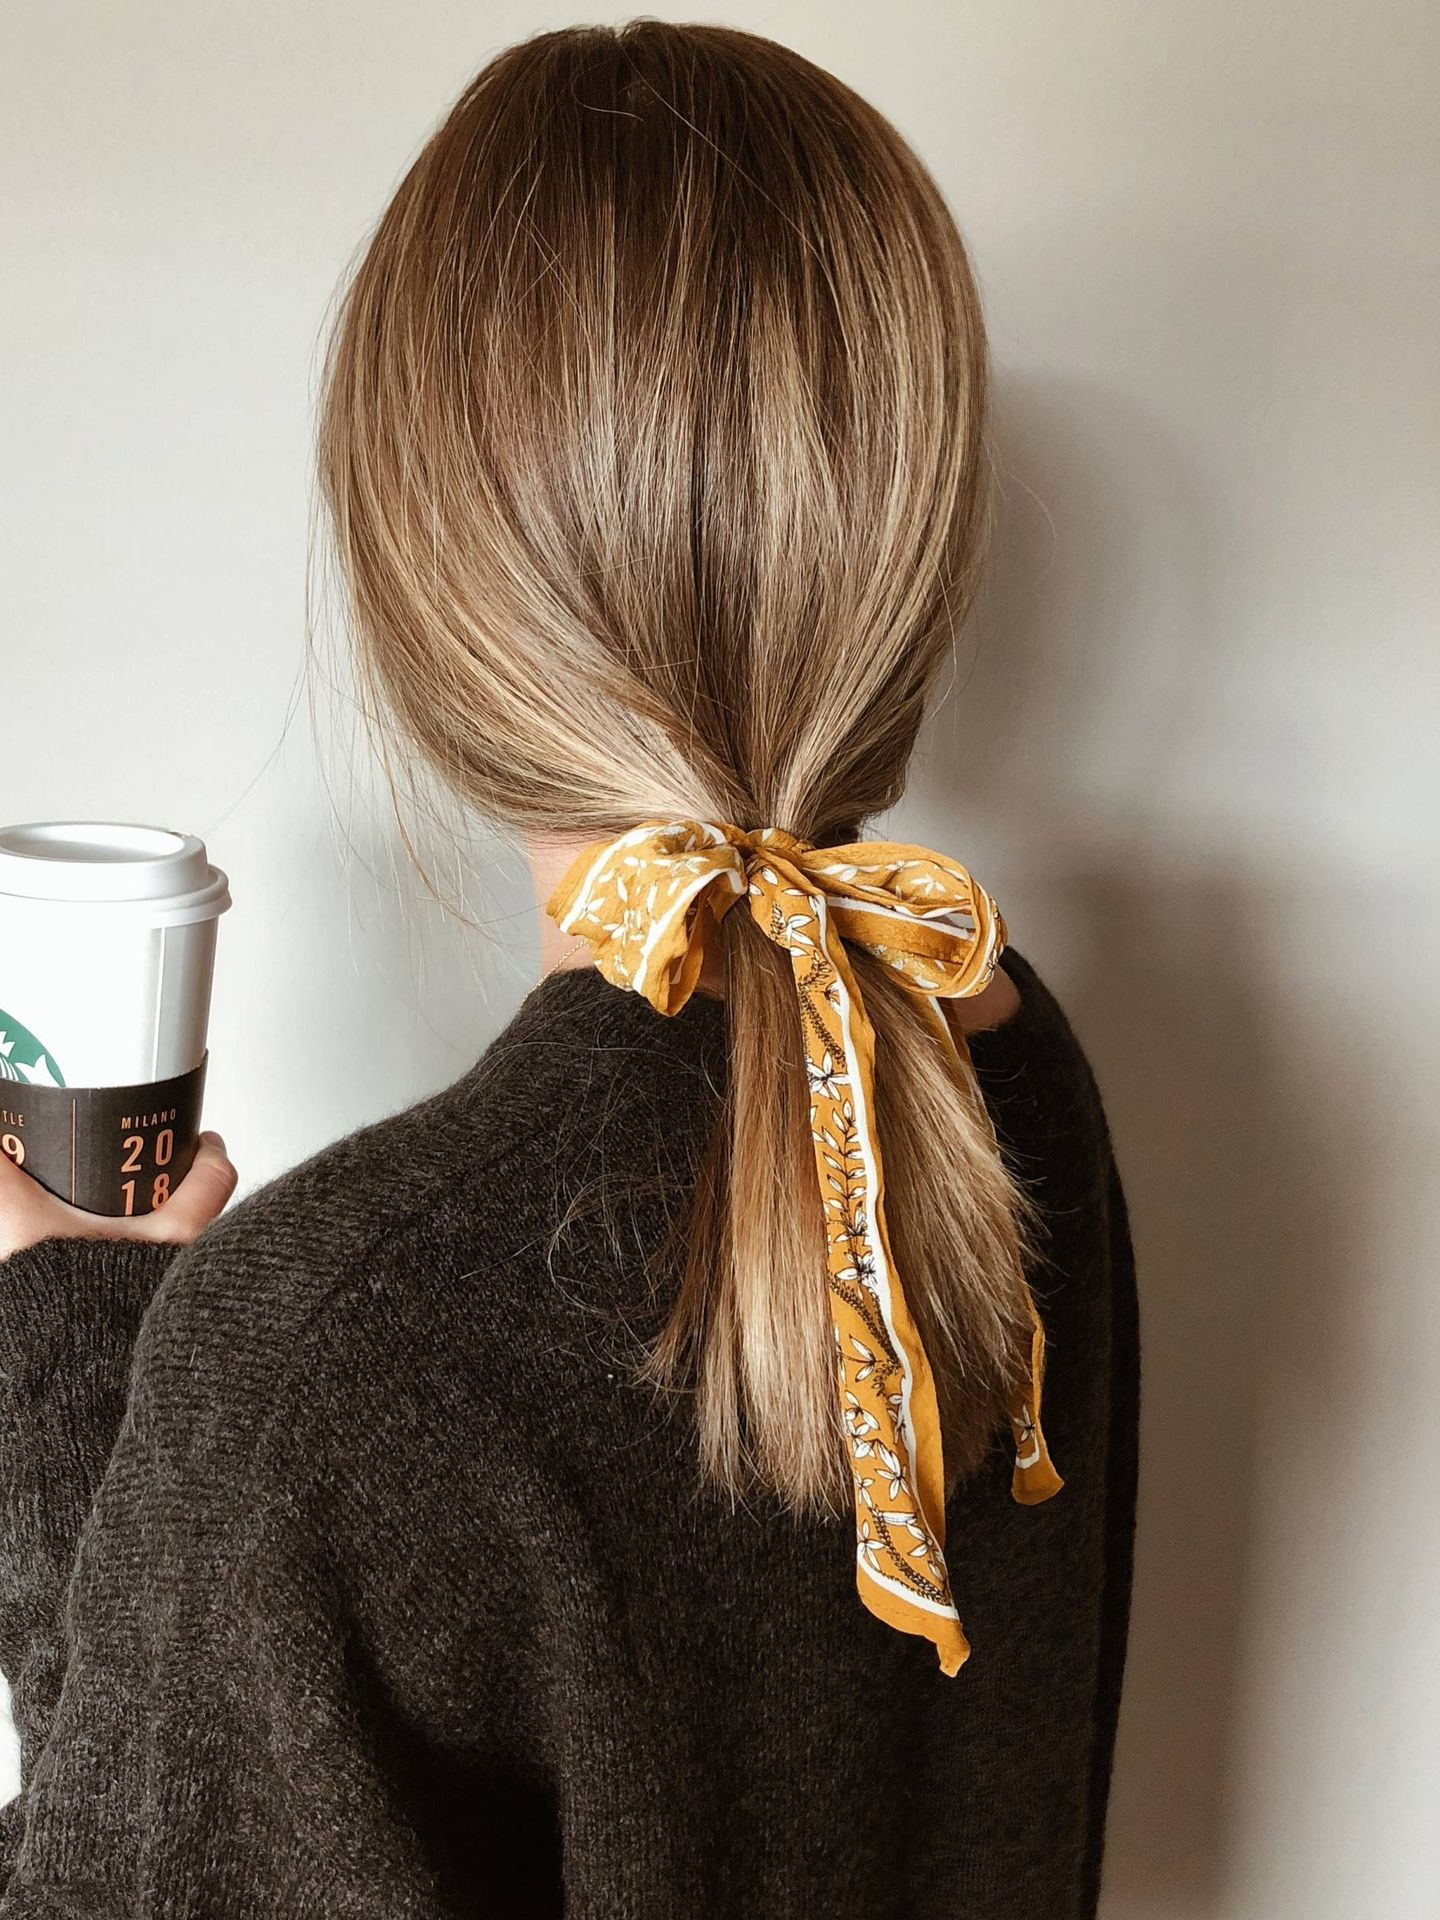 Un pelo bien cepillado es un cabello sano (Imagen: Lexie Janney para Unsplash)